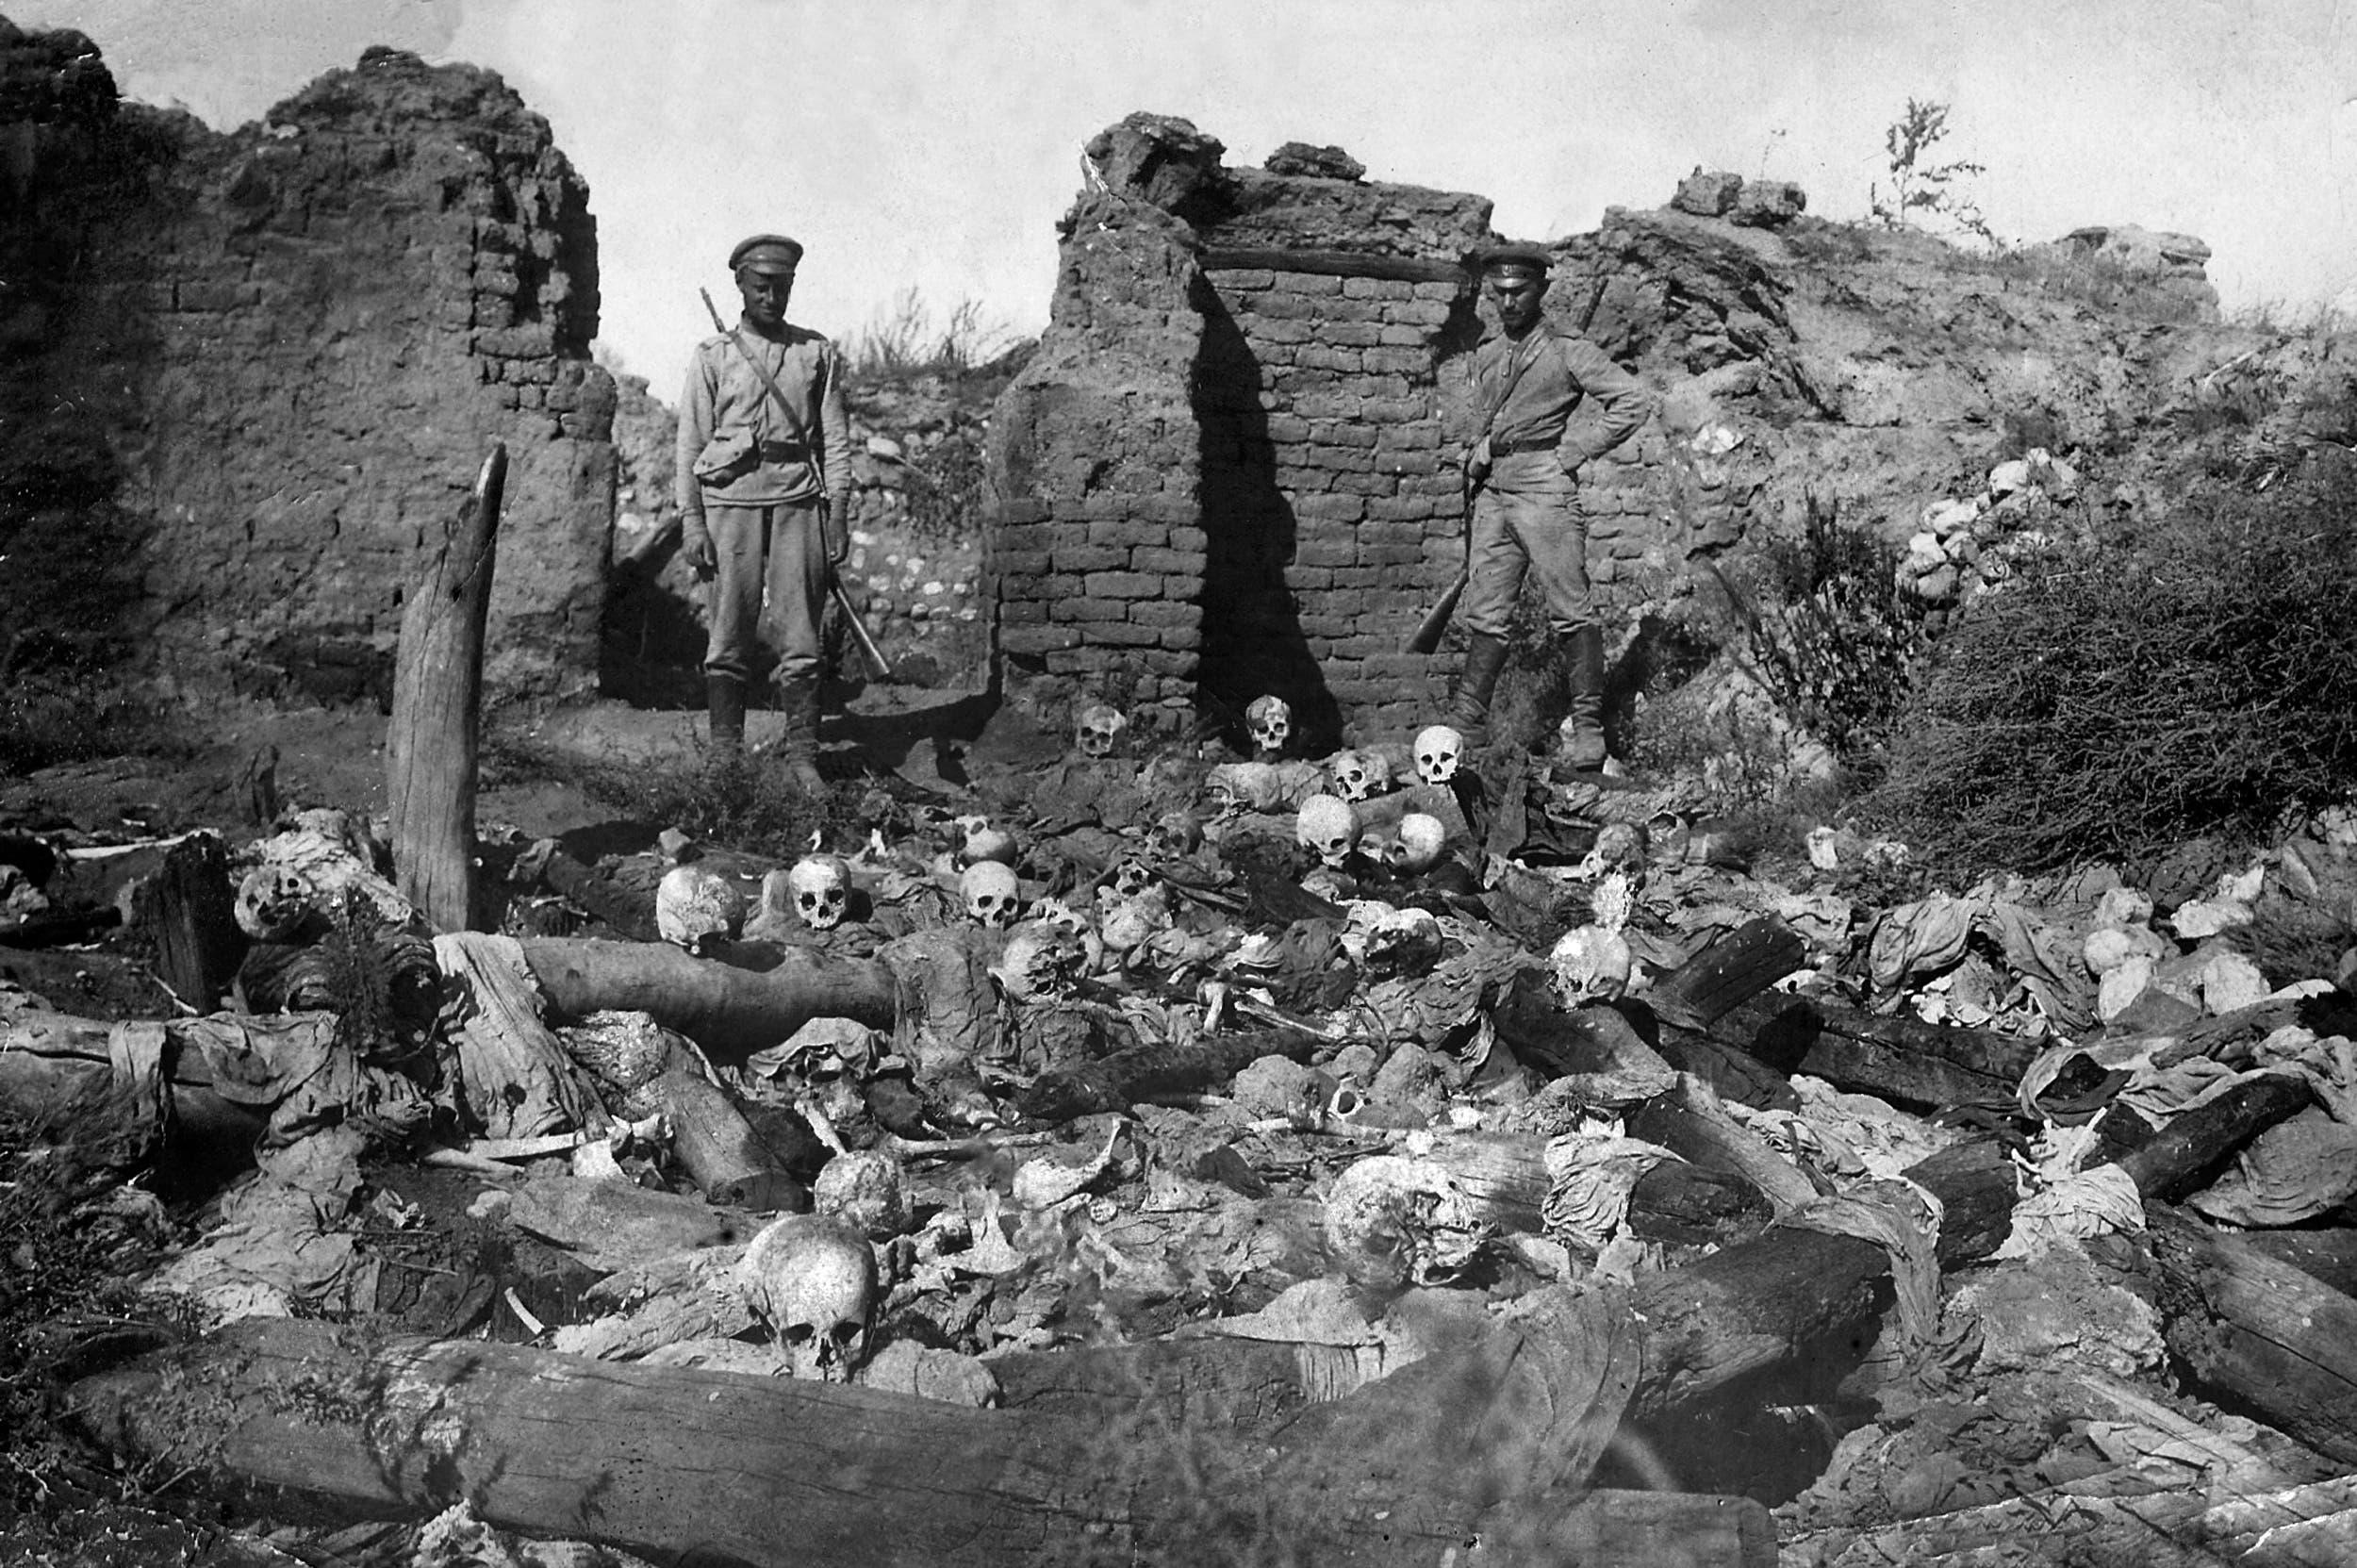 تصاویری که توسط موسسه موزه از نسل کشی ارامنه در سال 1915 منتشر شده است ، سربازانی را نشان می دهد که بر روی جمجمه قربانیان دهکده ارامنه  ایستاده اند